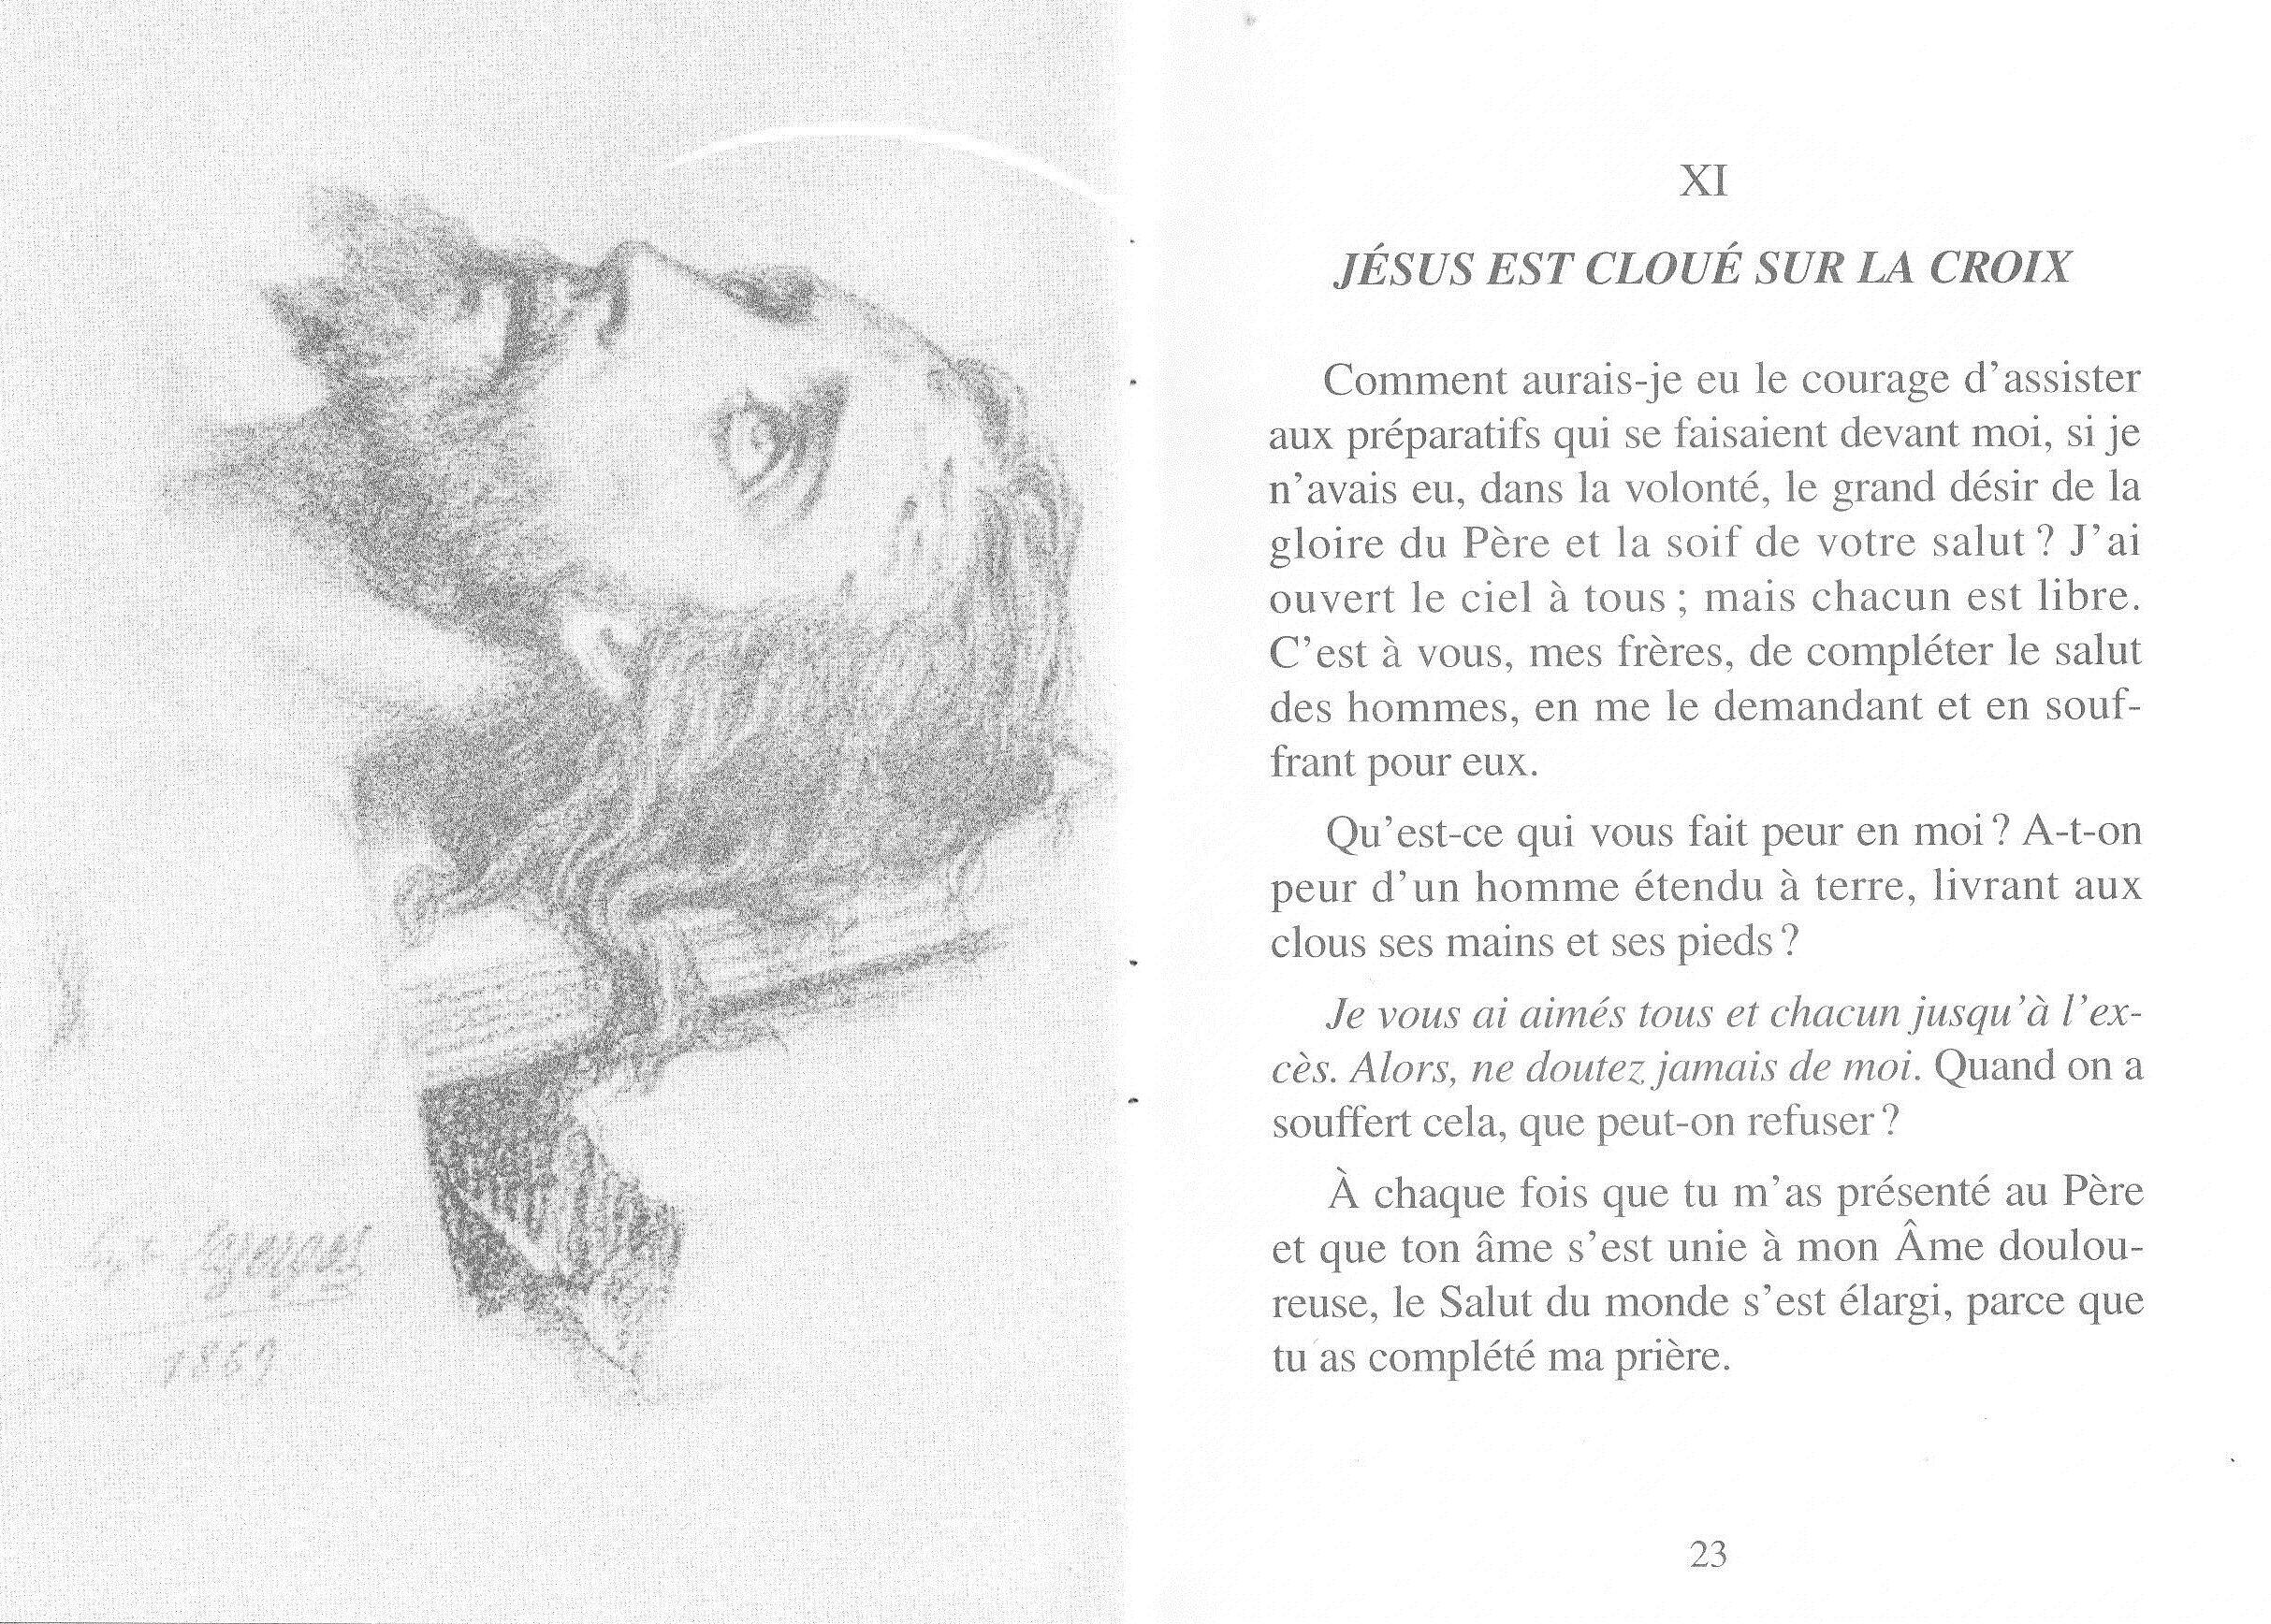 Chemin de croix en images 2 messages proph ties par les saints et les pr - Comment bien decongeler du pain ...